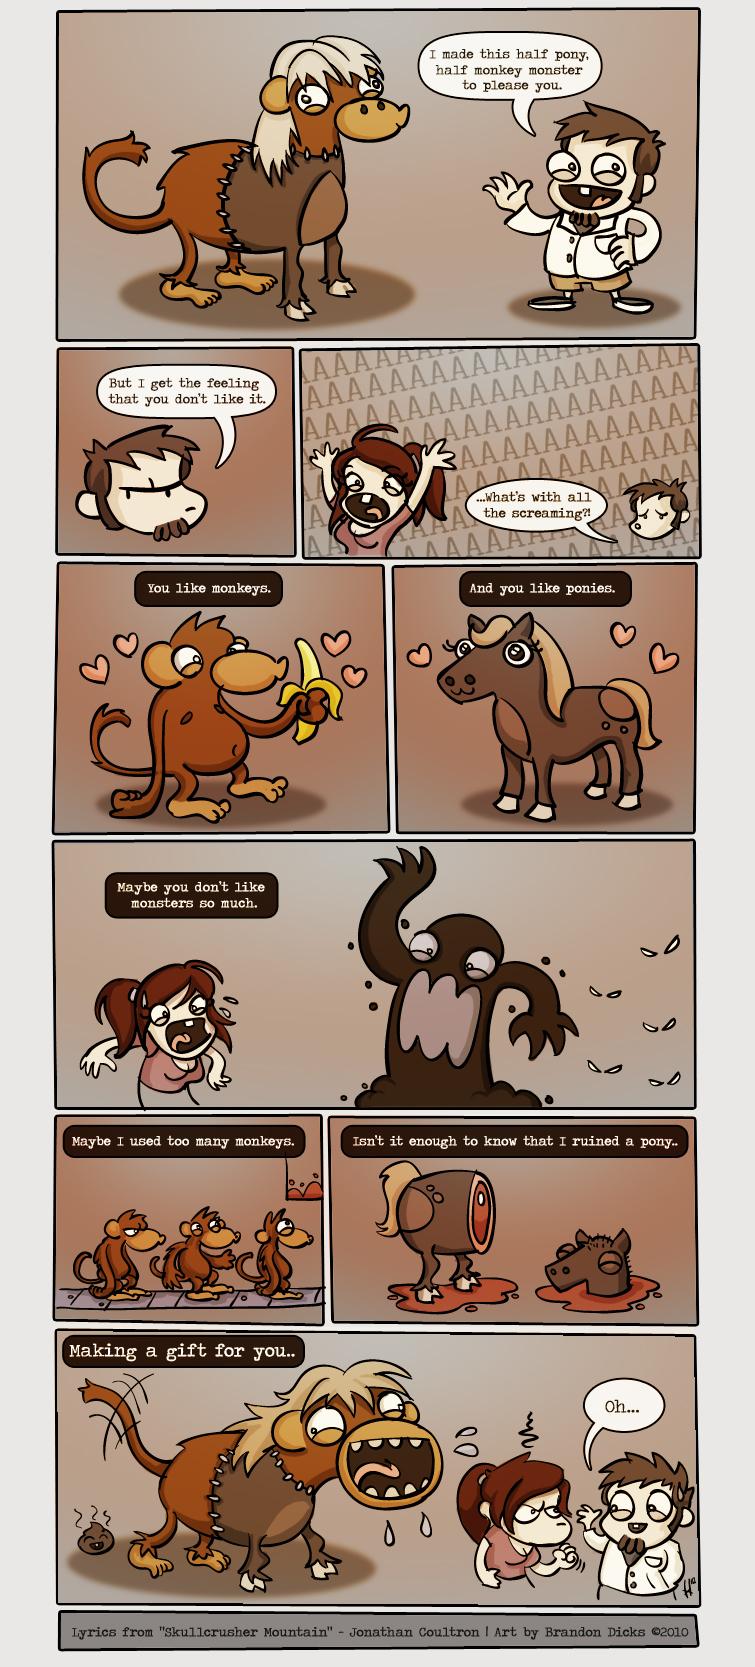 Half Pony Half Monkey